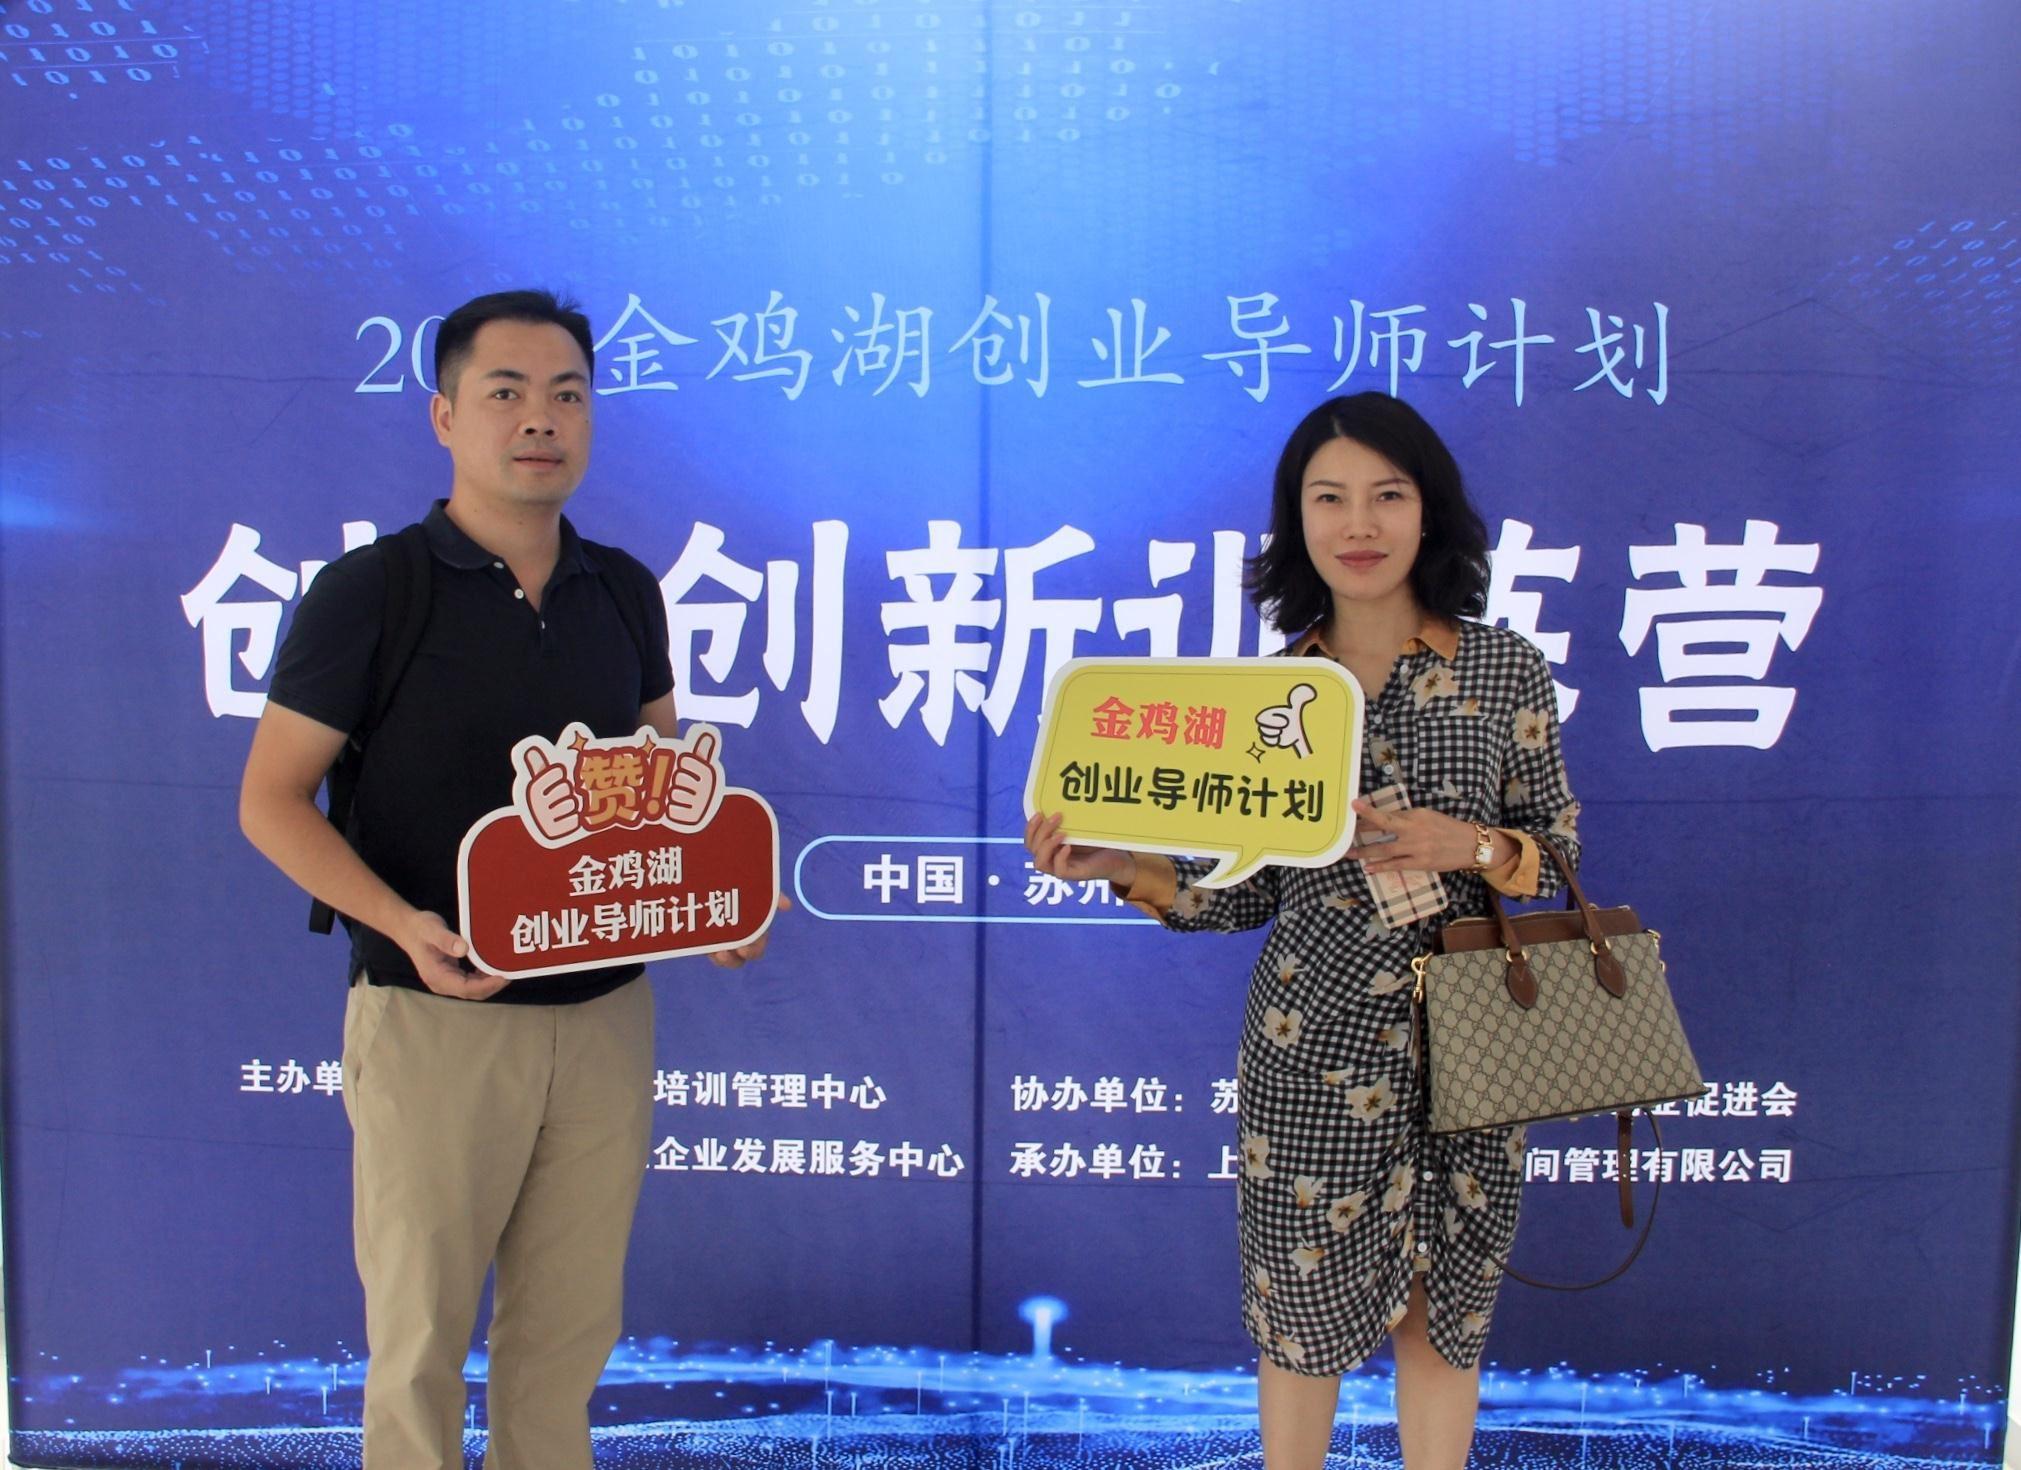 力鼎环保创始人参加2019年金鸡湖创业导师计划